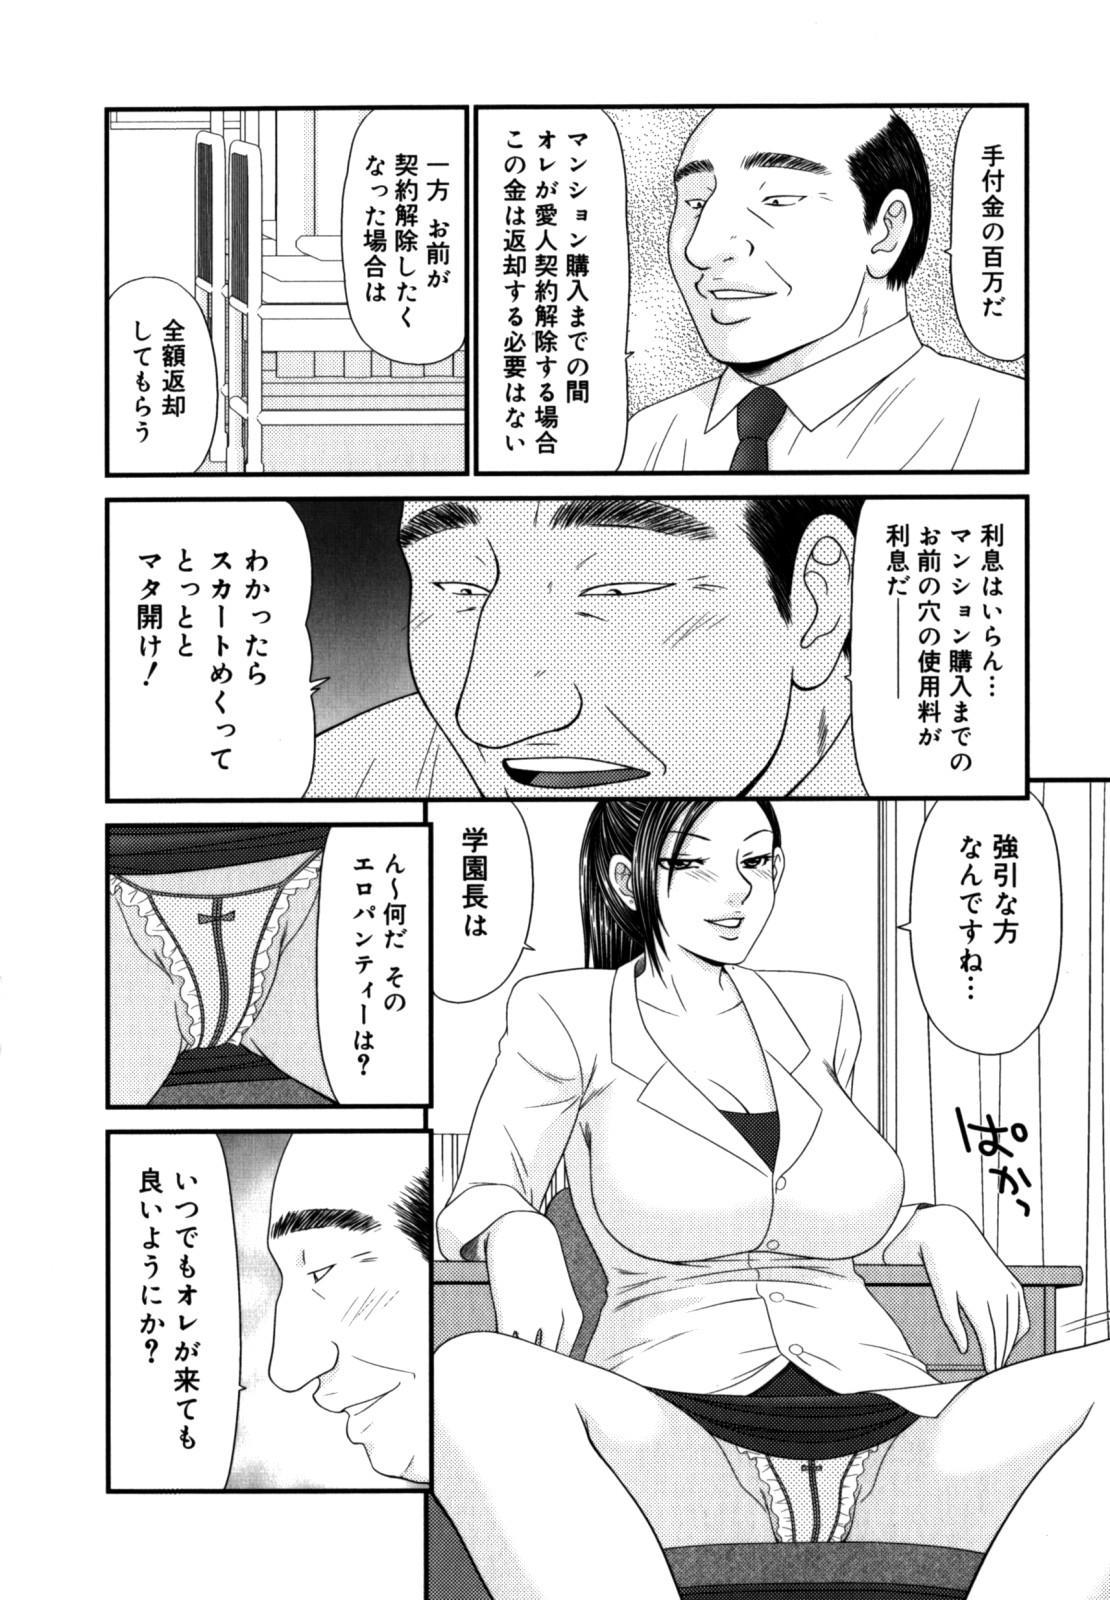 Gakuen no Mushikera 2 51